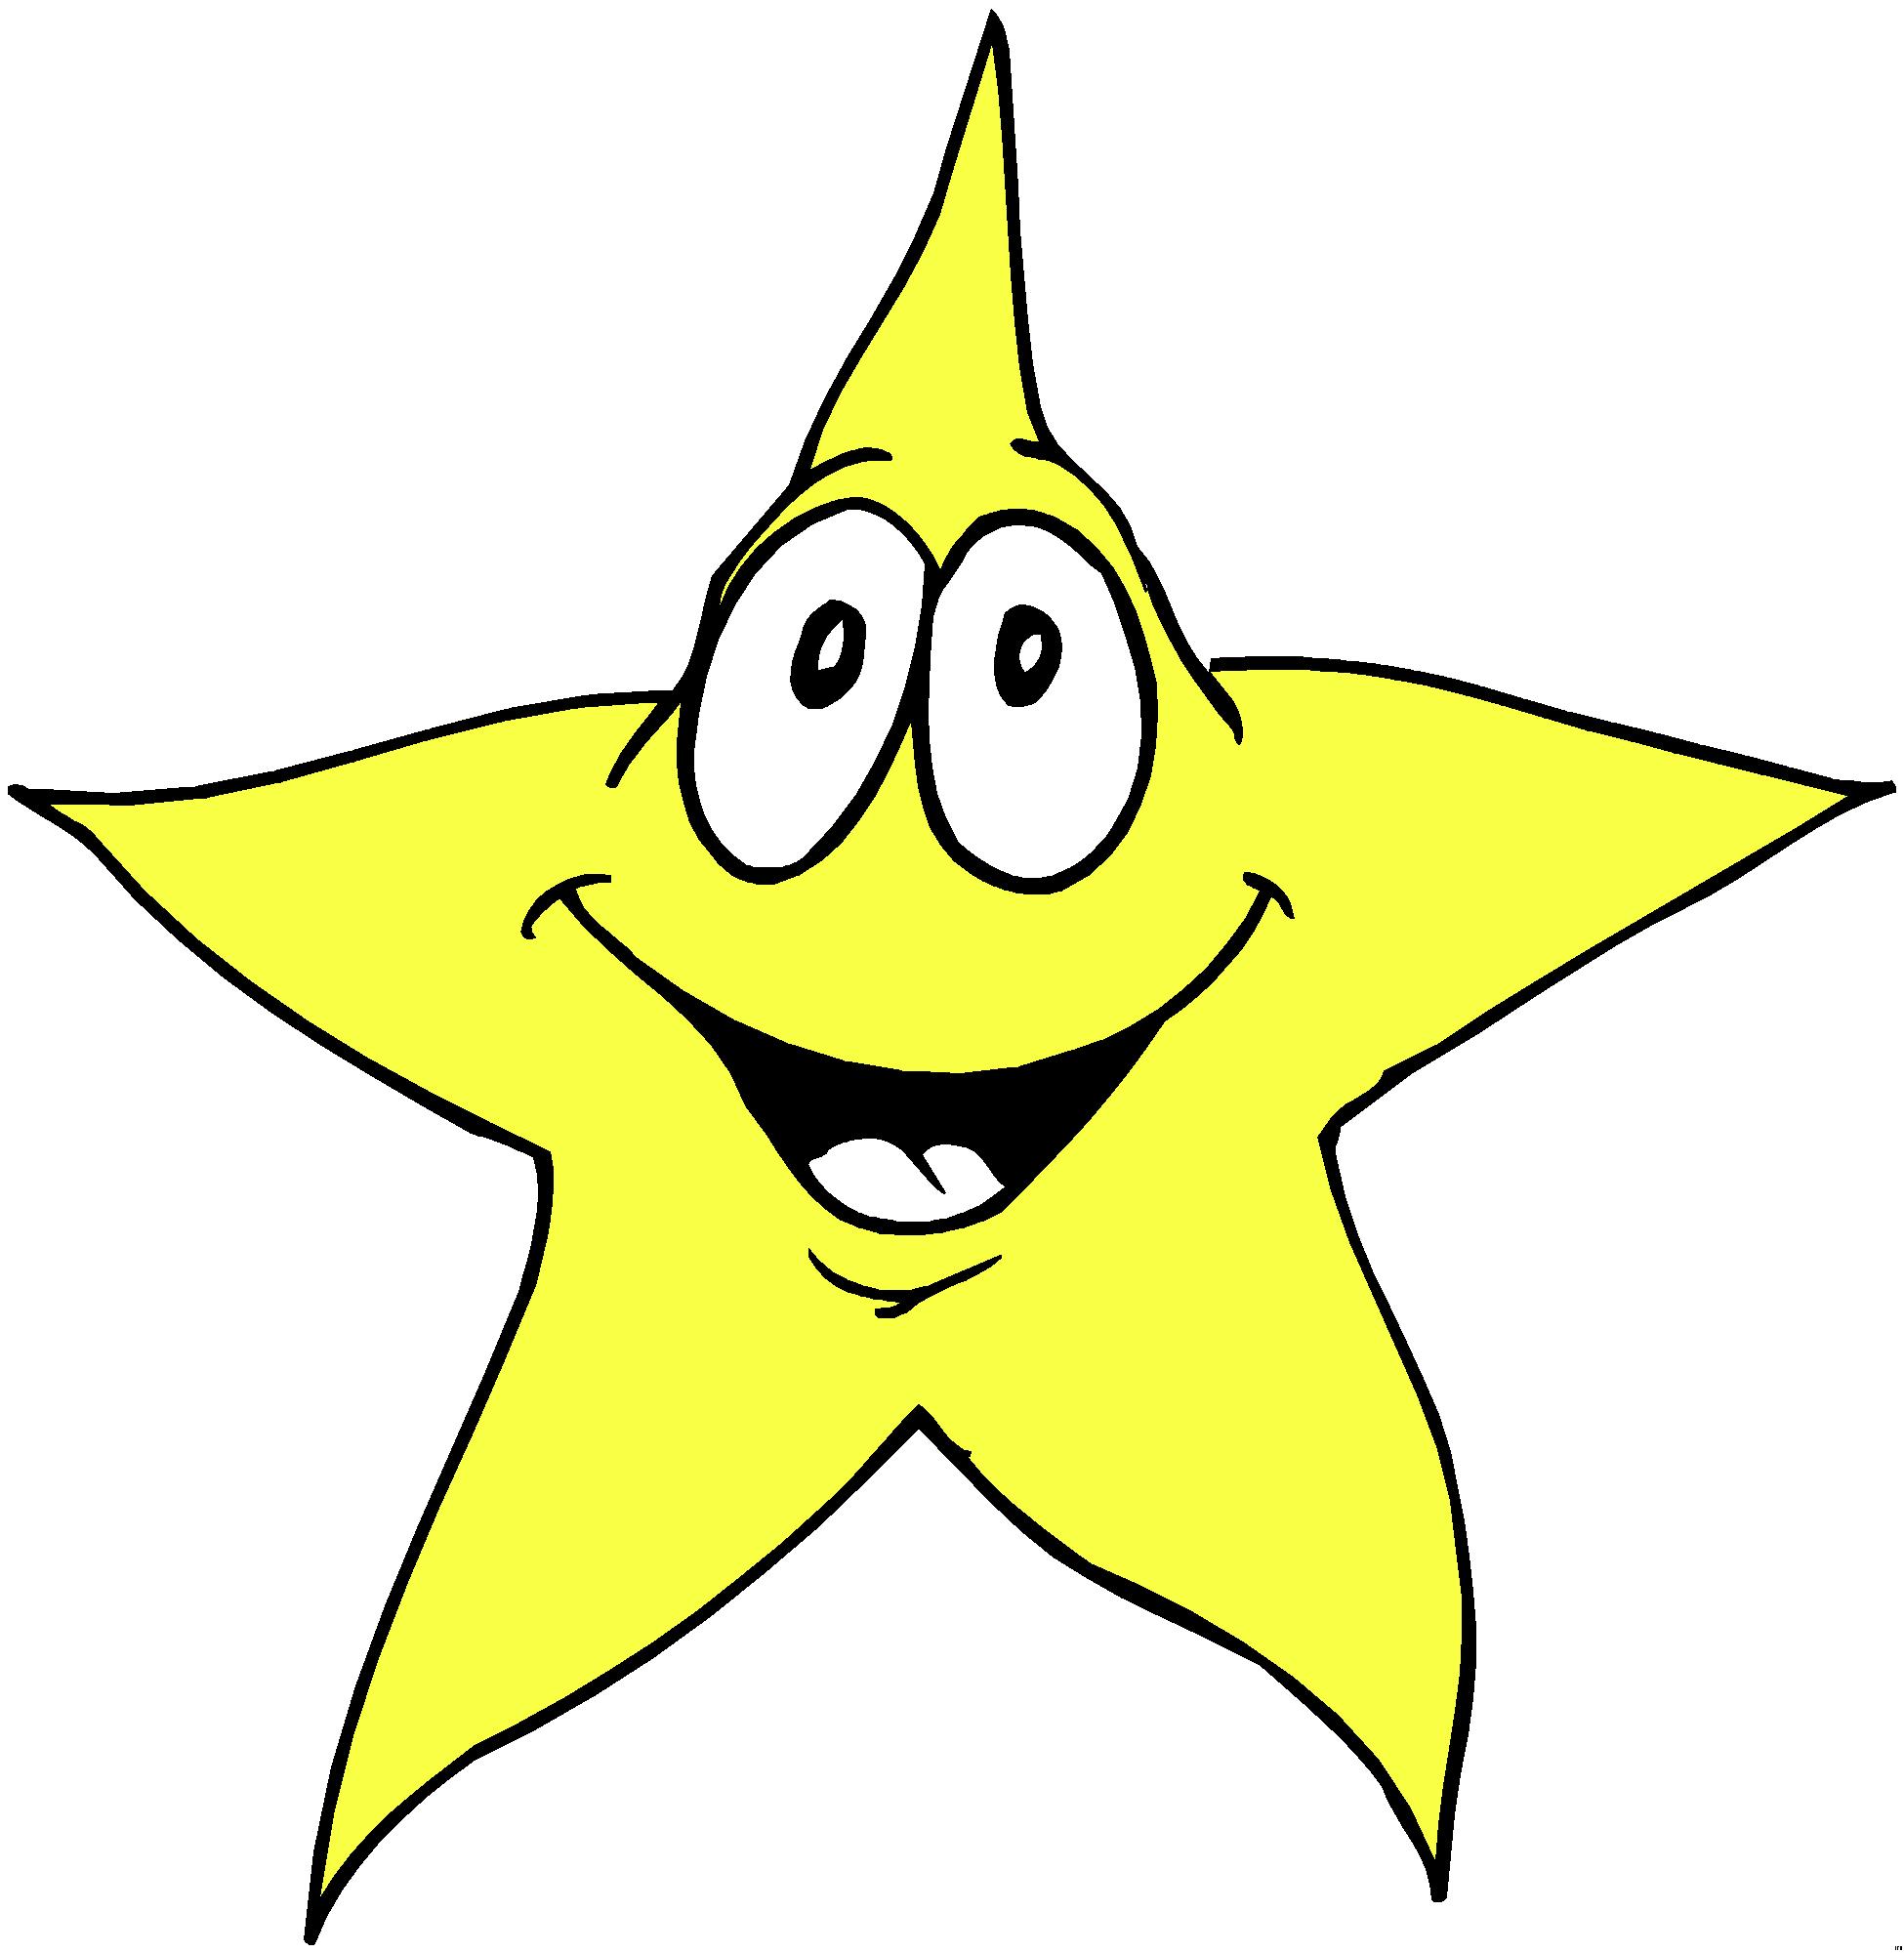 Звезда прикольные картинки 4